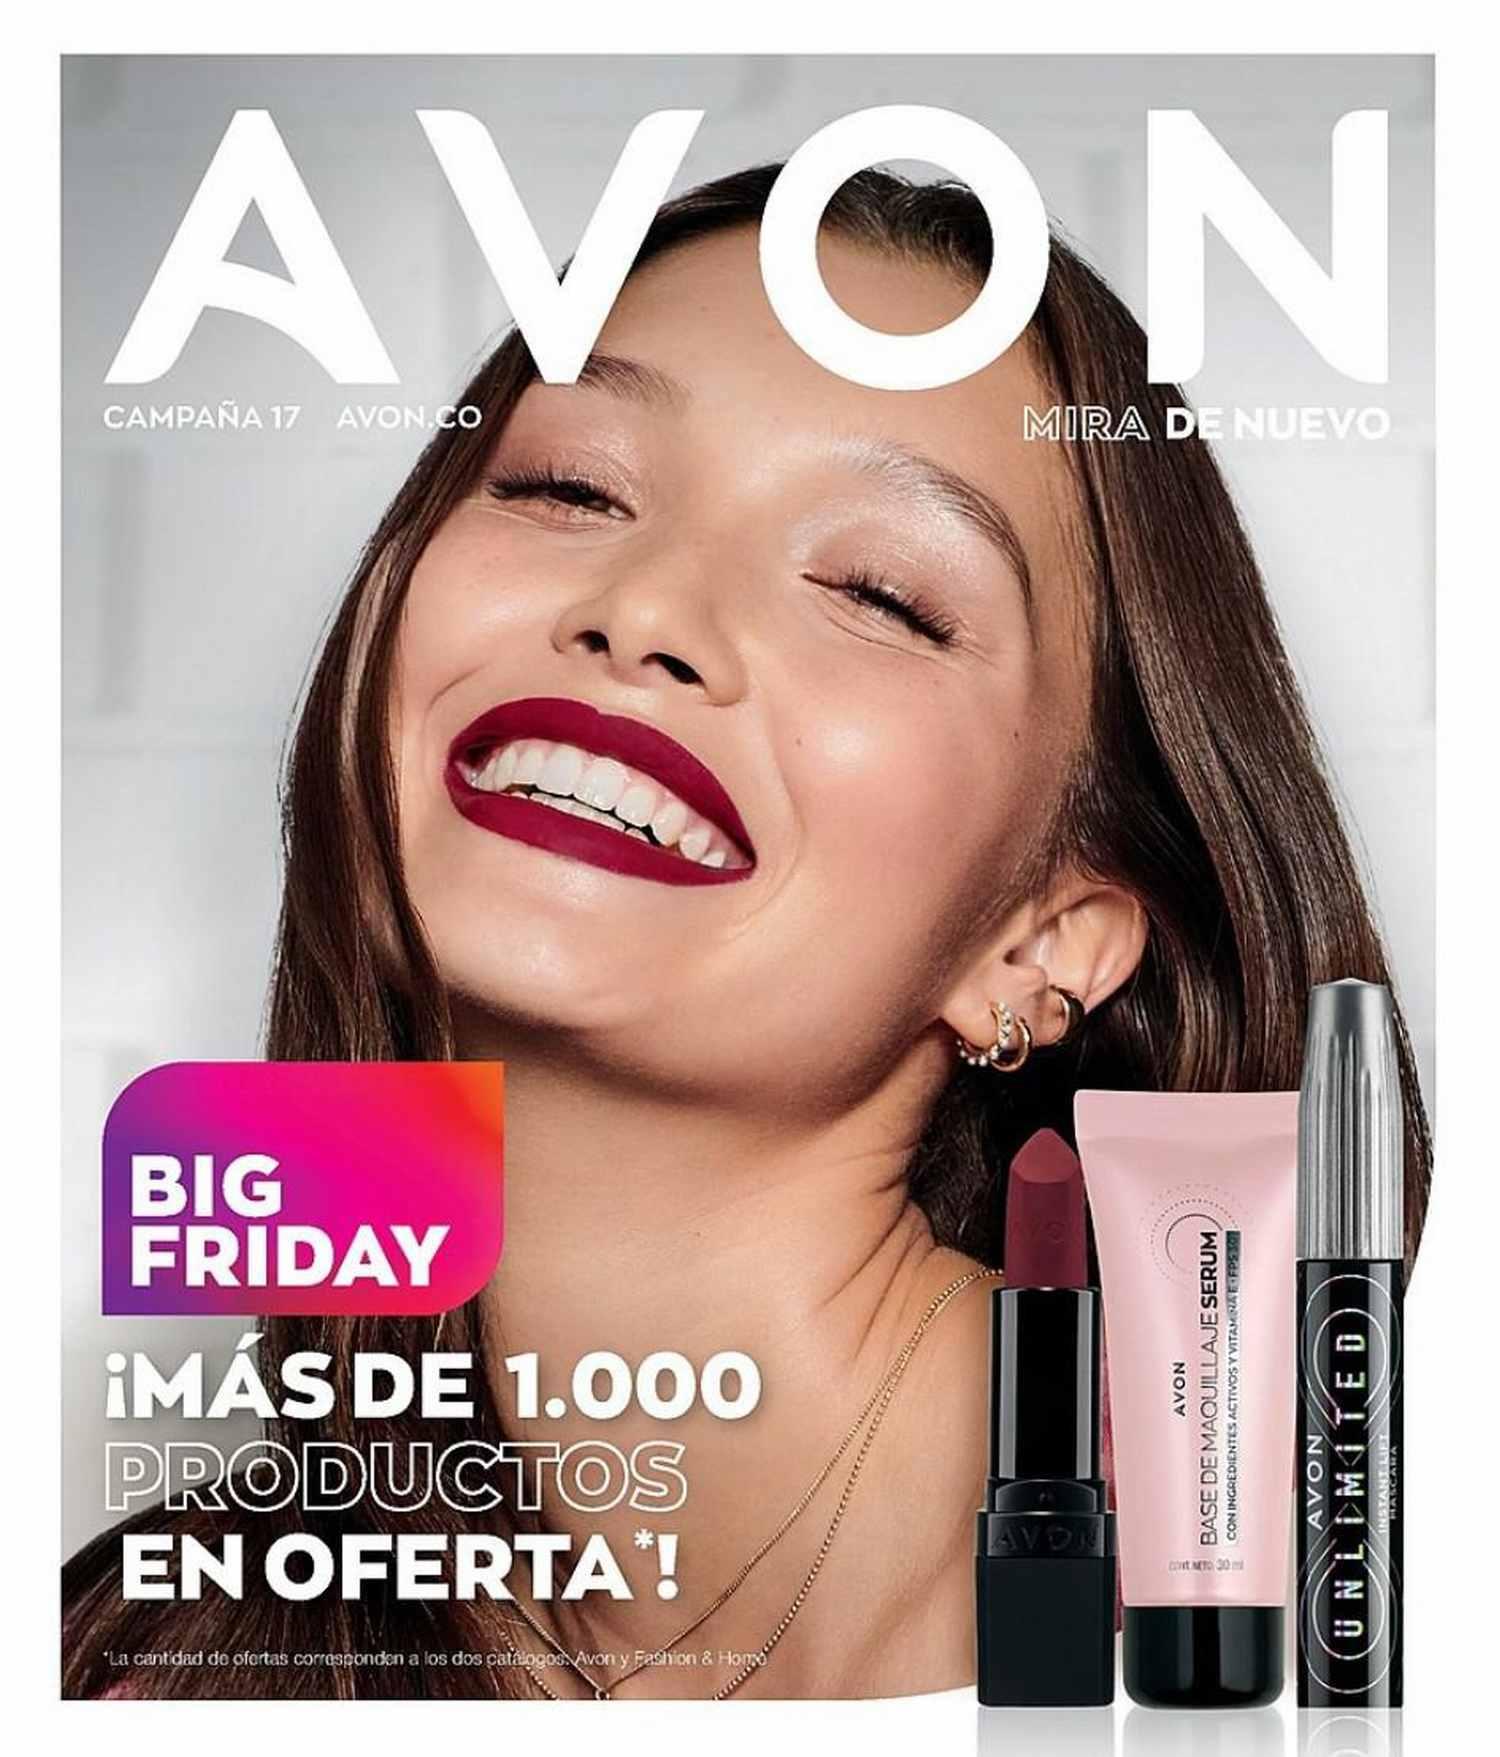 Catálogo Avon Campaña 17 2021 Colombia